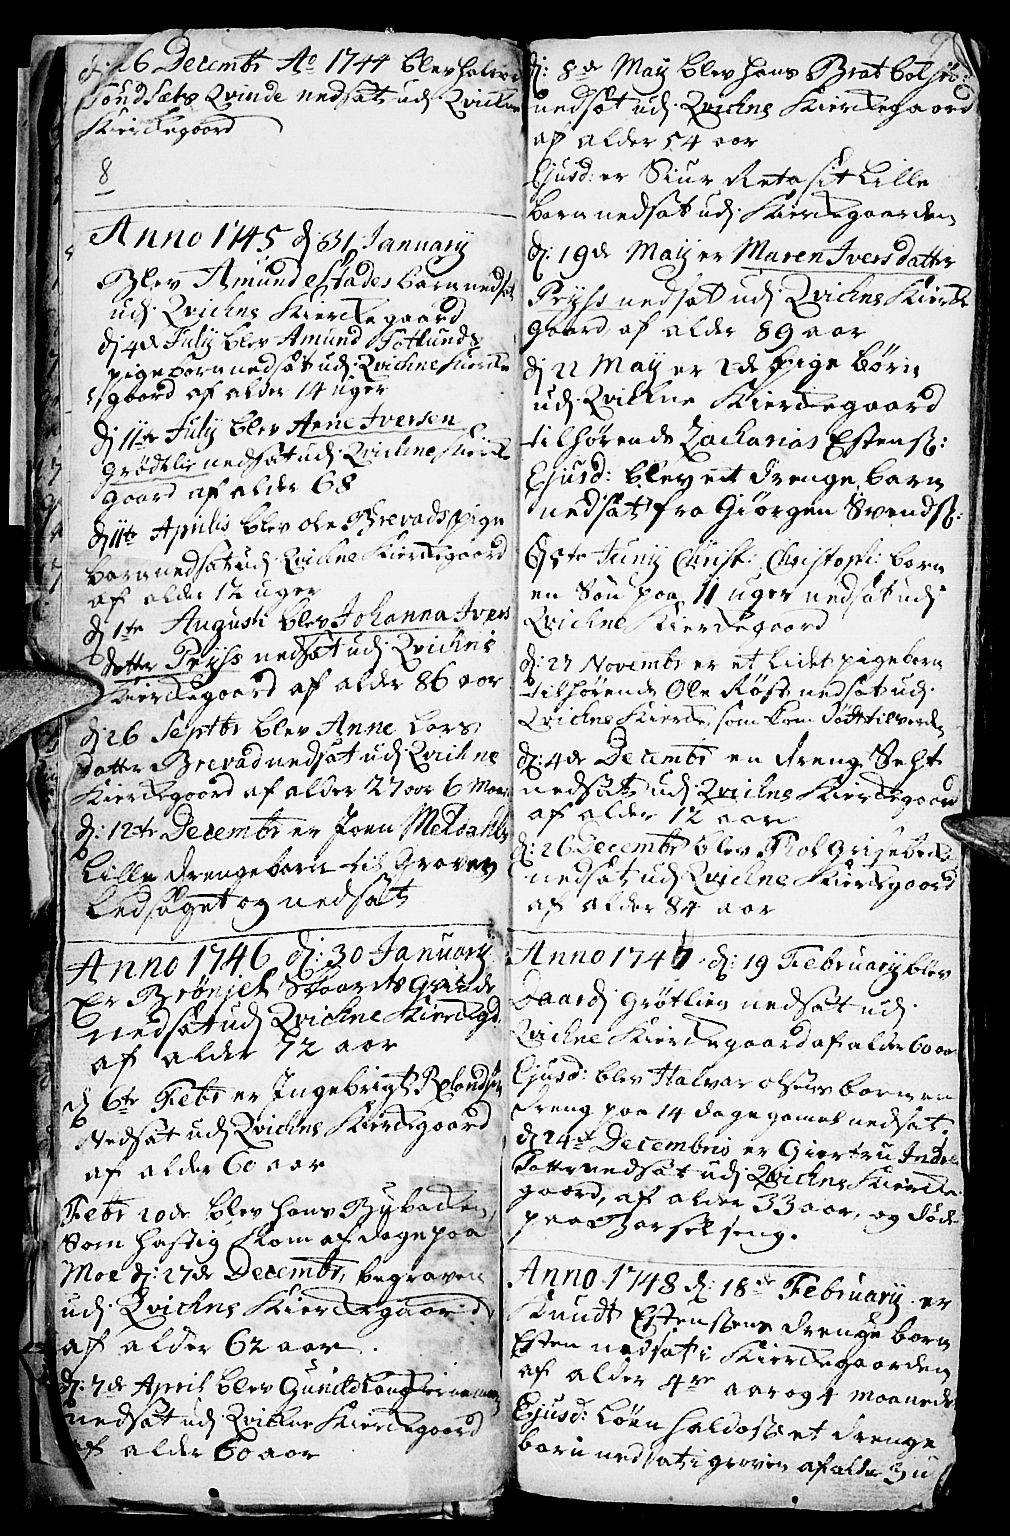 SAH, Kvikne prestekontor, Parish register (official) no. 1, 1740-1756, p. 8-9